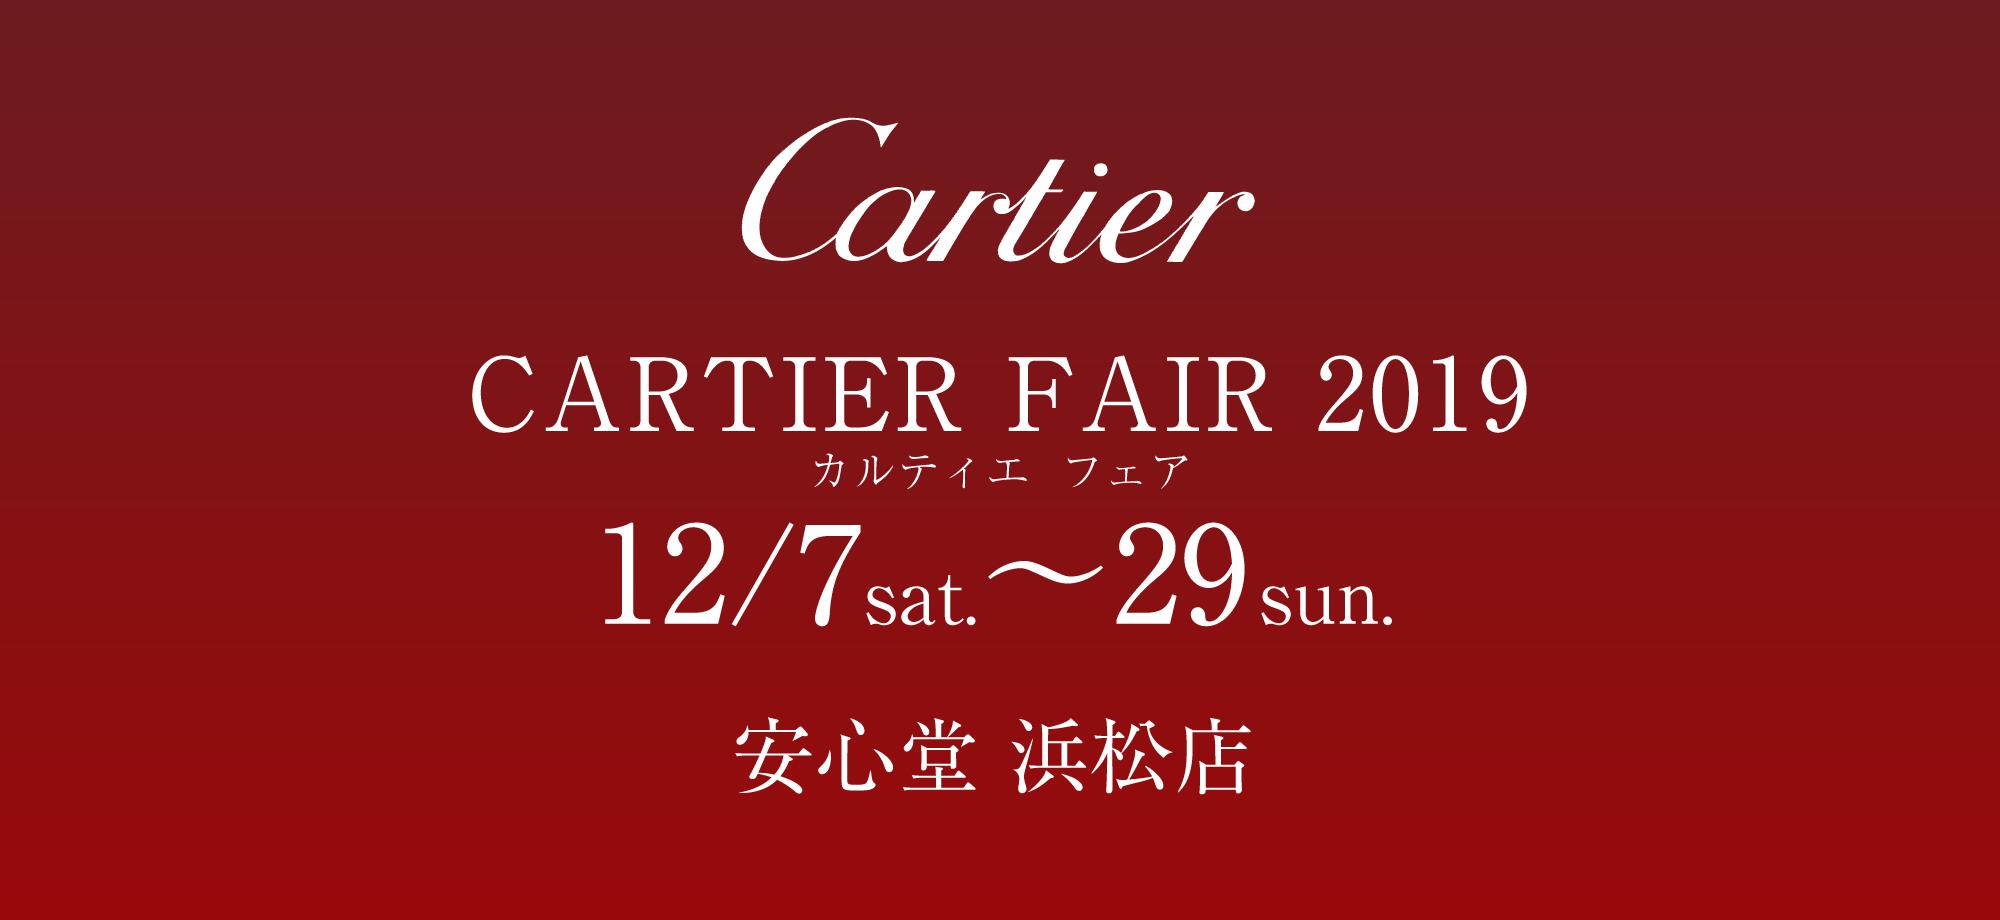 CARTIER FAIR 2019